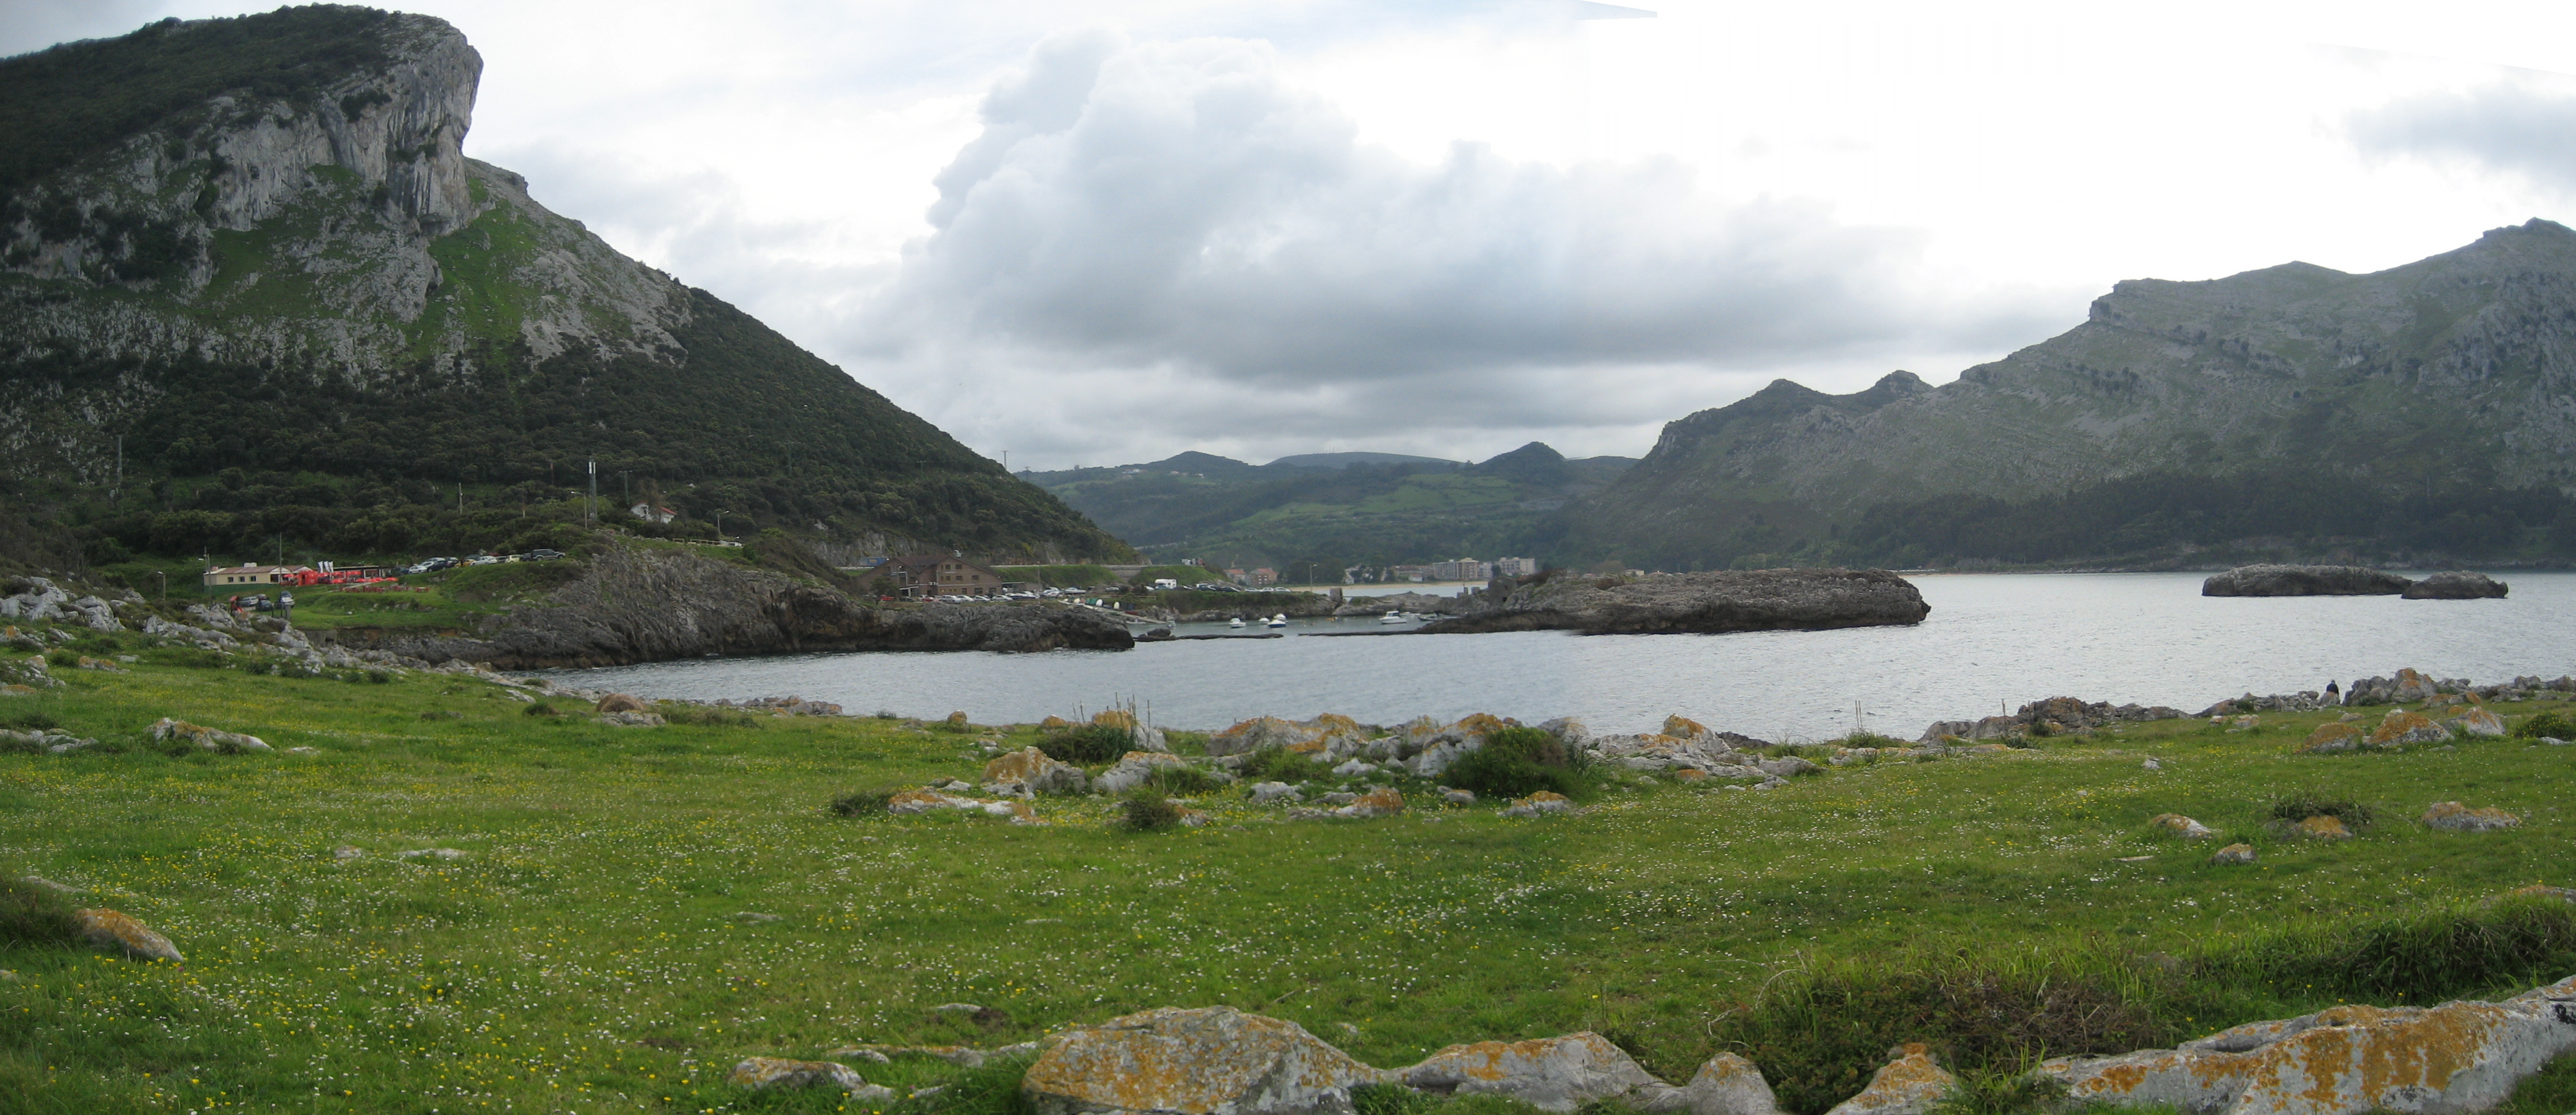 122_islares_orinon_panoramica.jpg